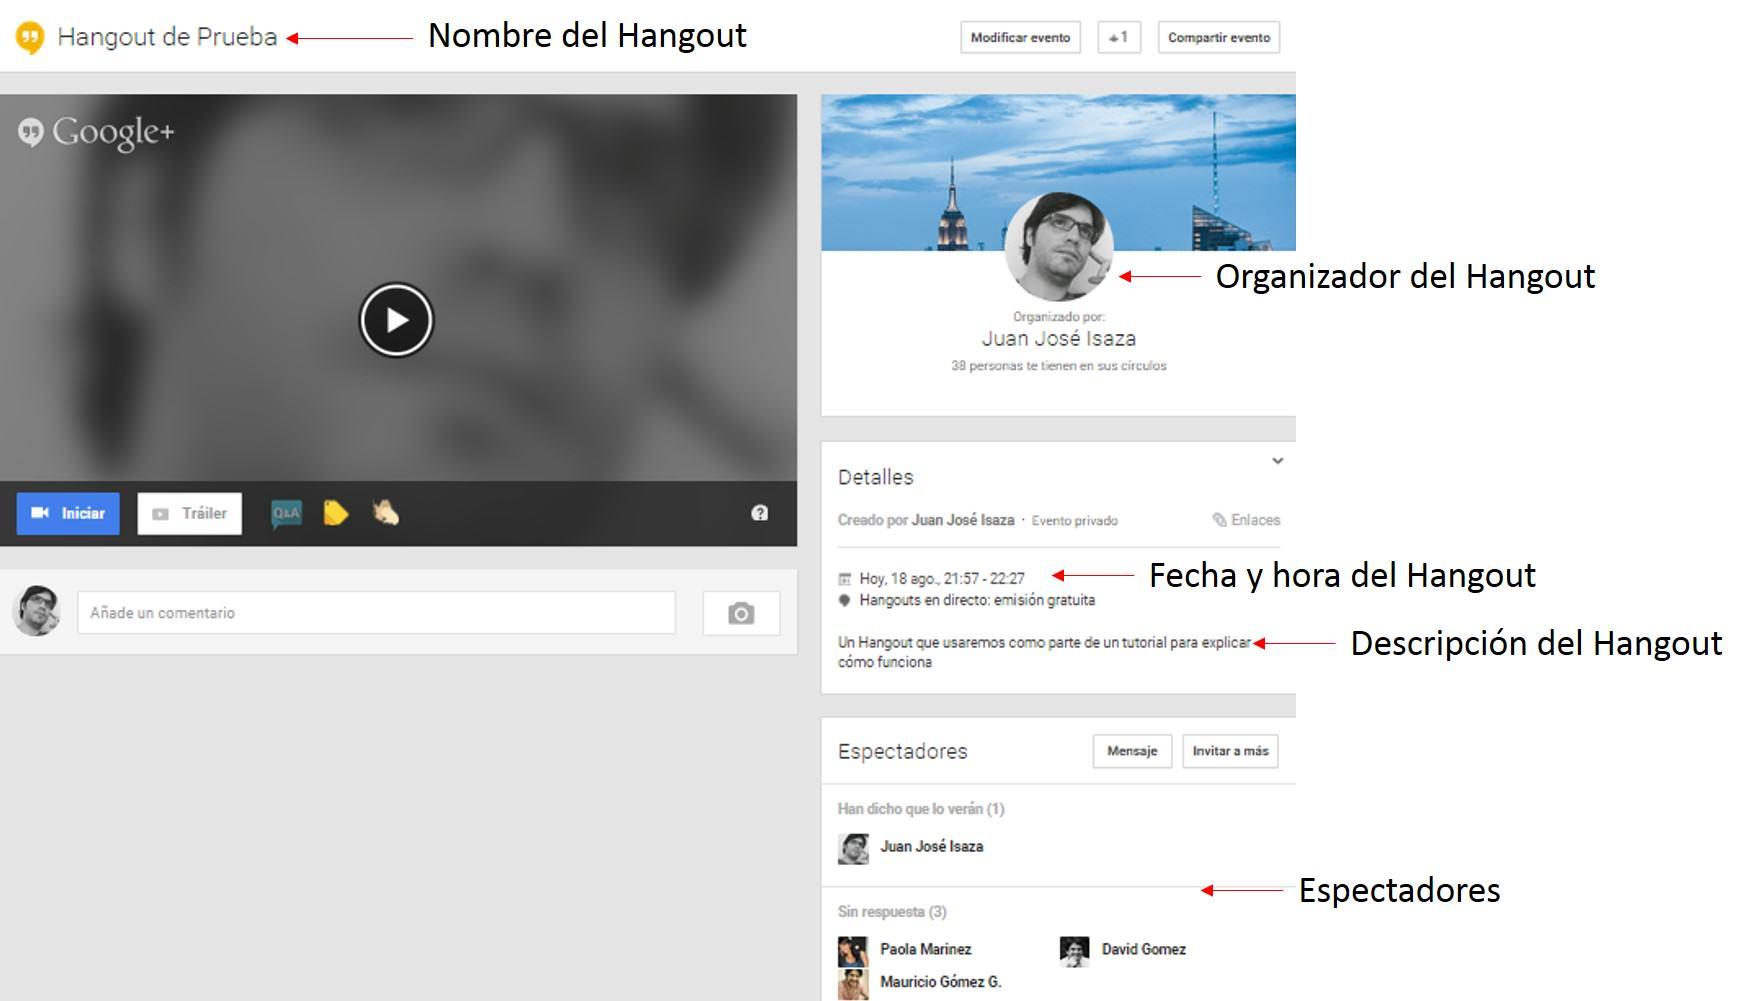 Creación evento en Google+